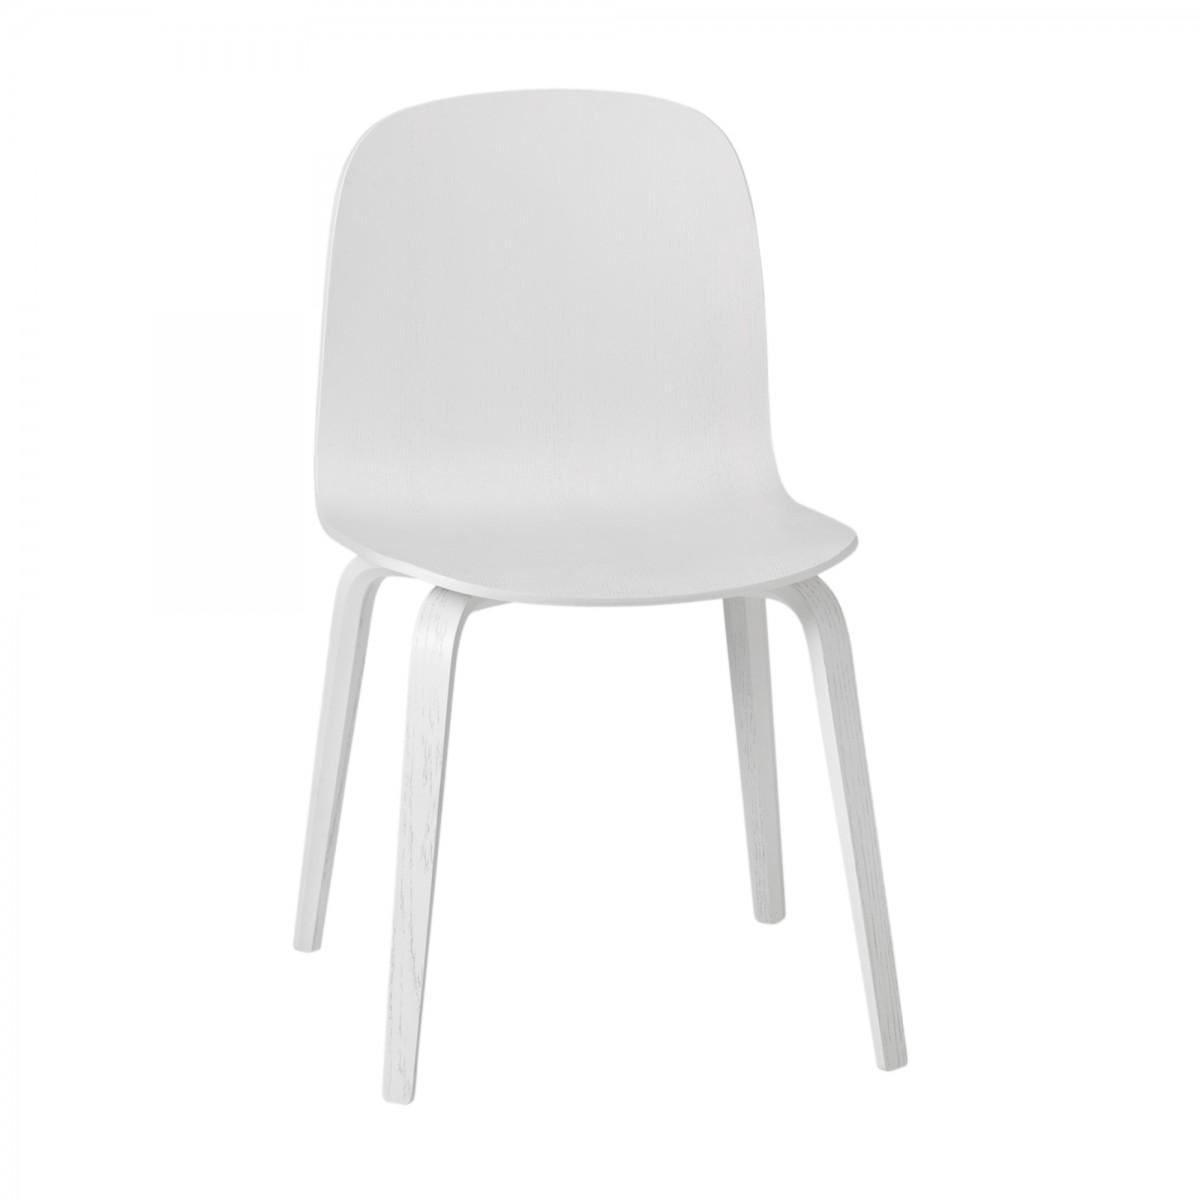 Chaise VISU blanc pieds bois MUUTO